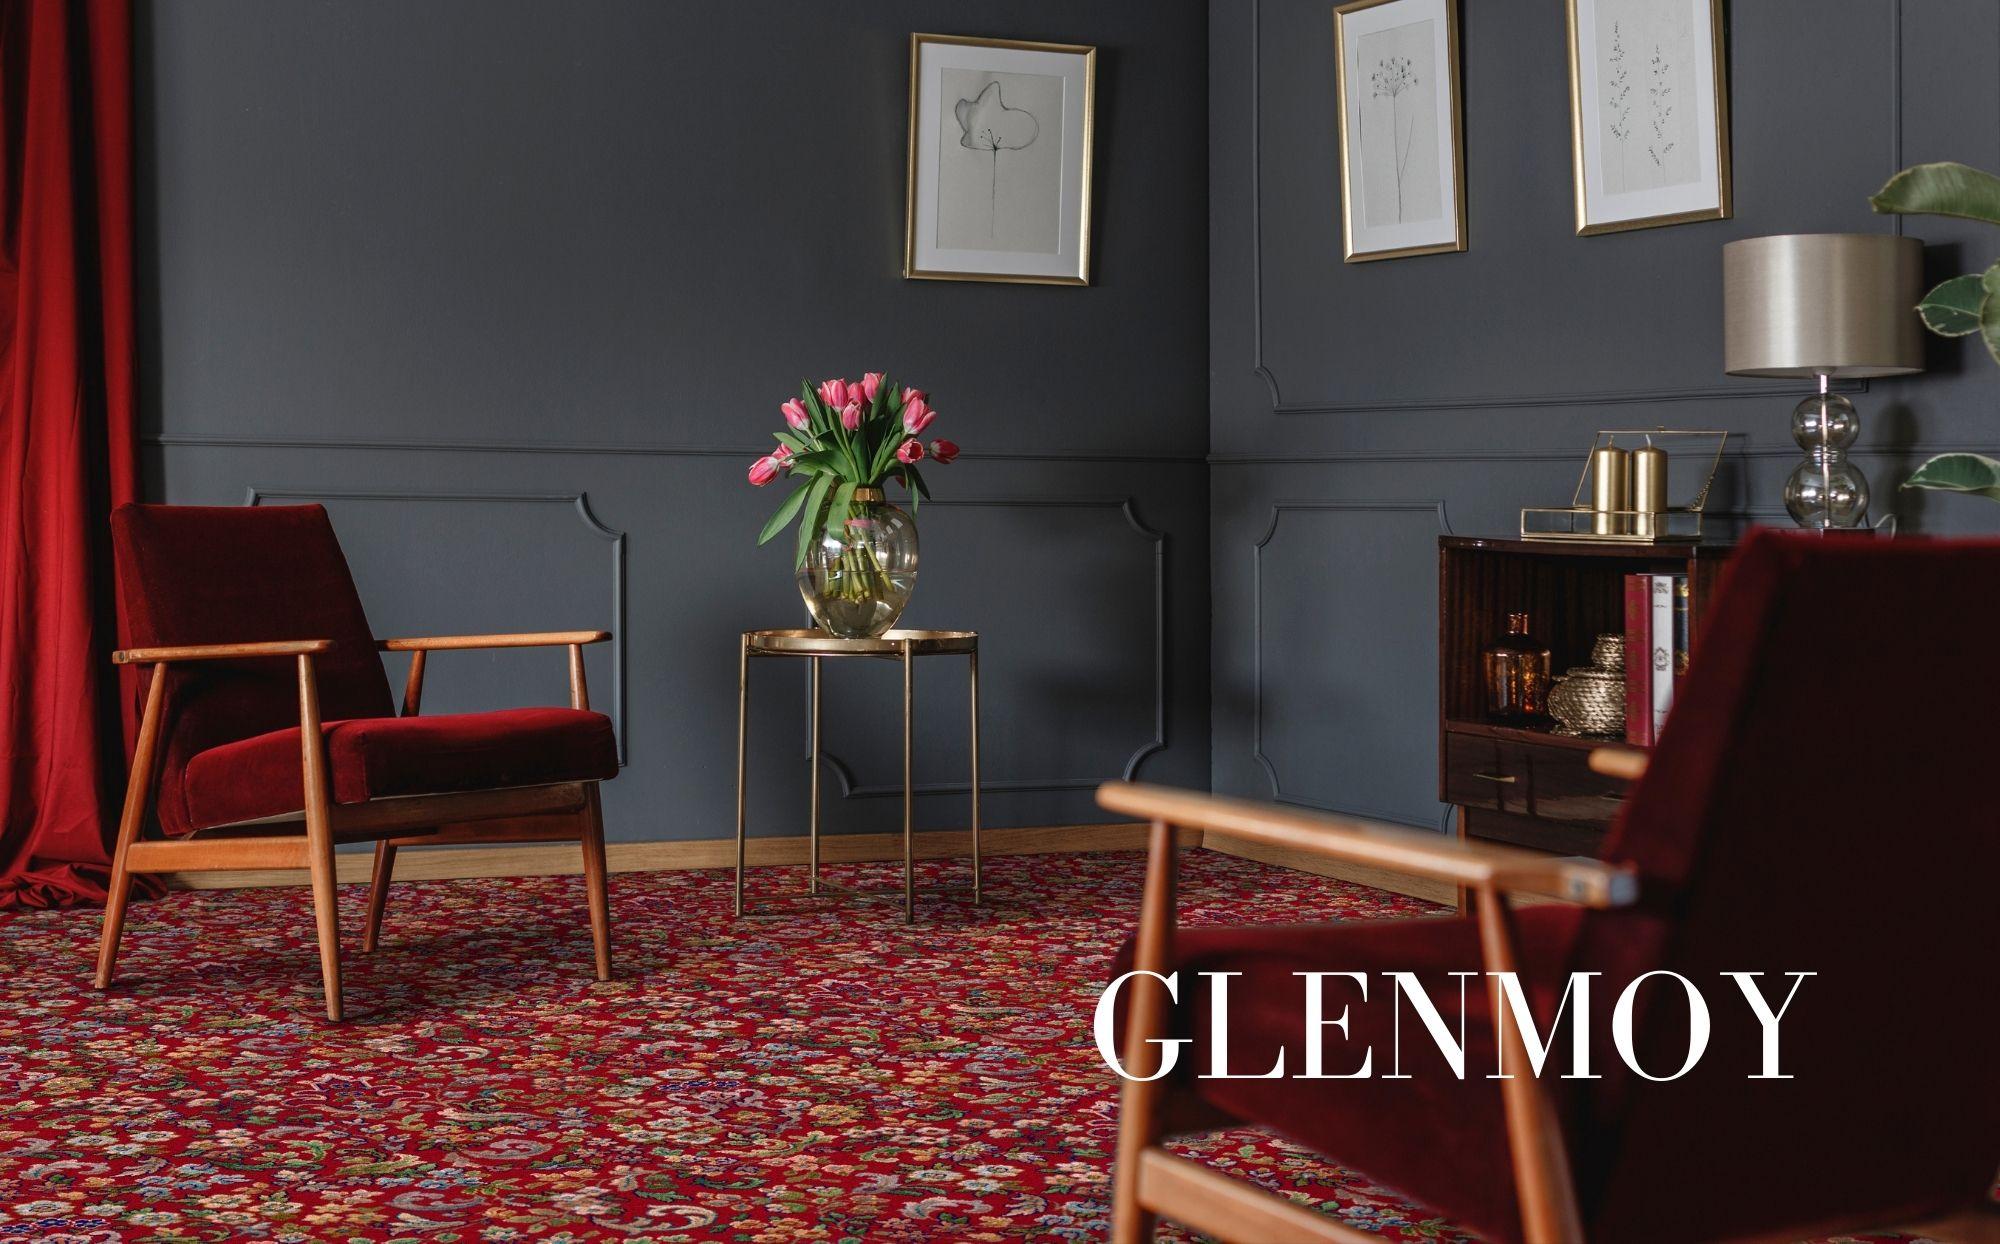 Glenmoy